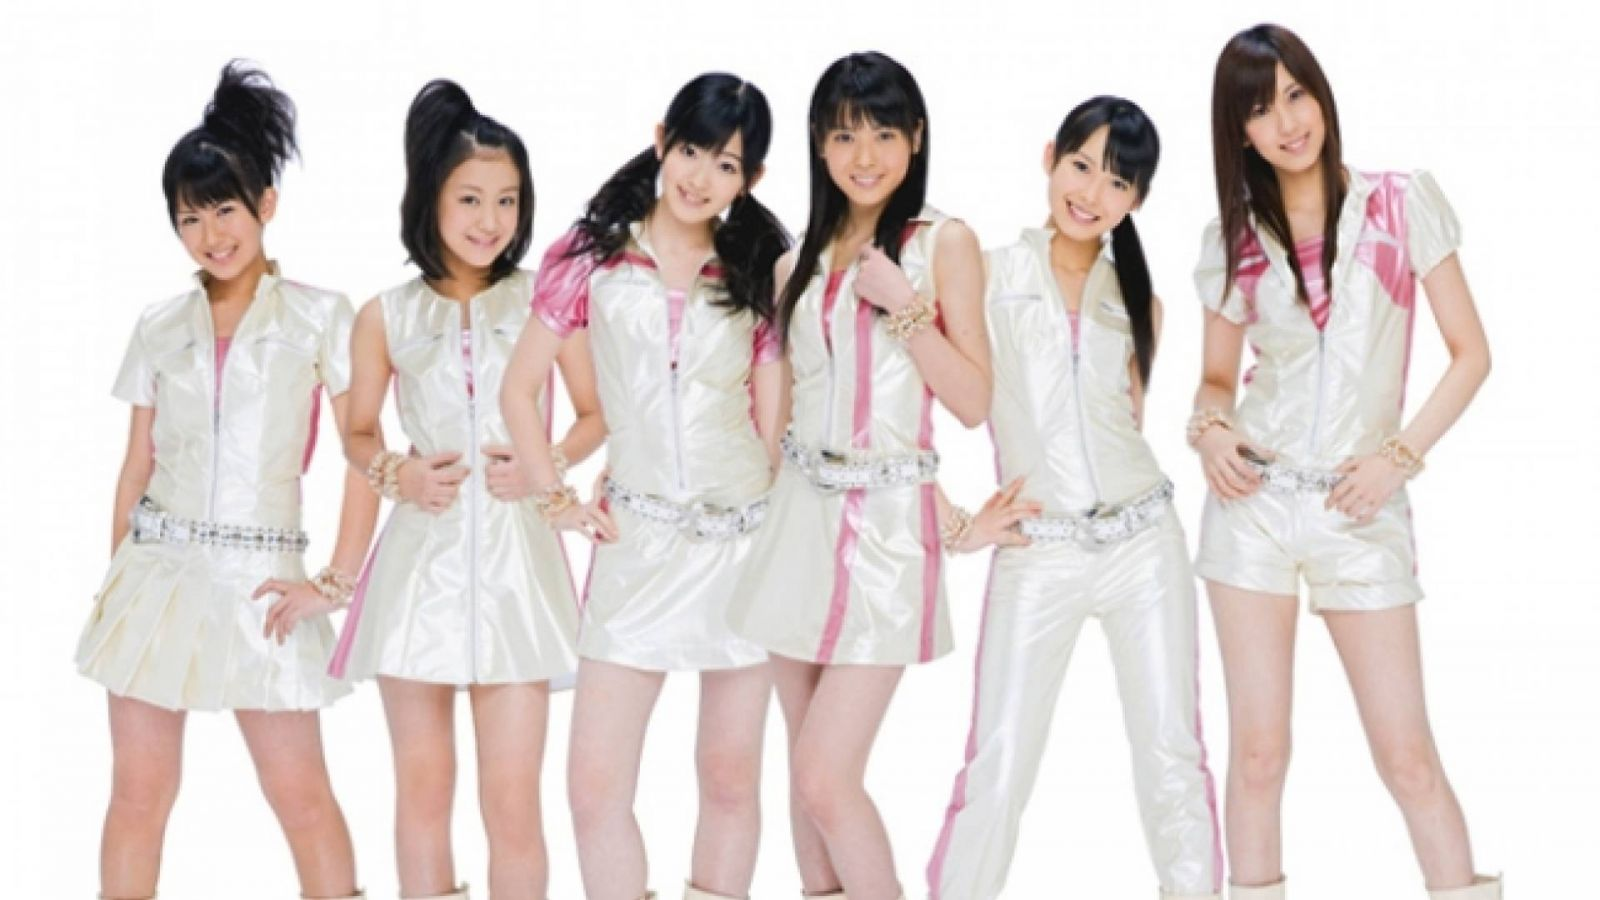 ºC-ute lança sua primeira coletânea em novembro © JapanFiles.com / Up Front Agency